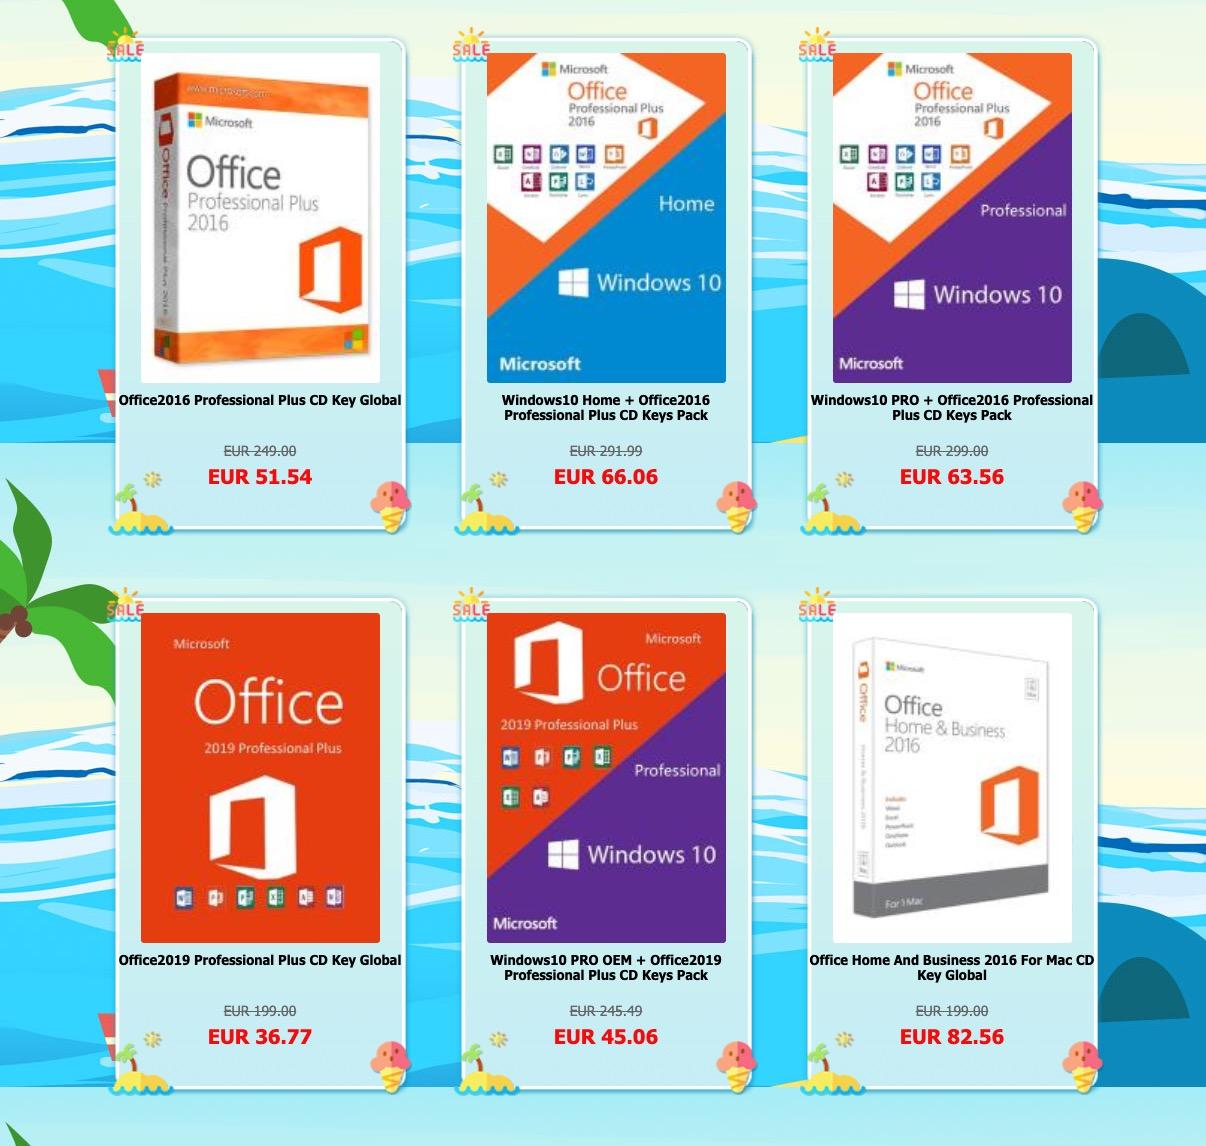 Codici sconto per Windows 10 e Office 2019, chiavi per il download a partire da 13,66 euro